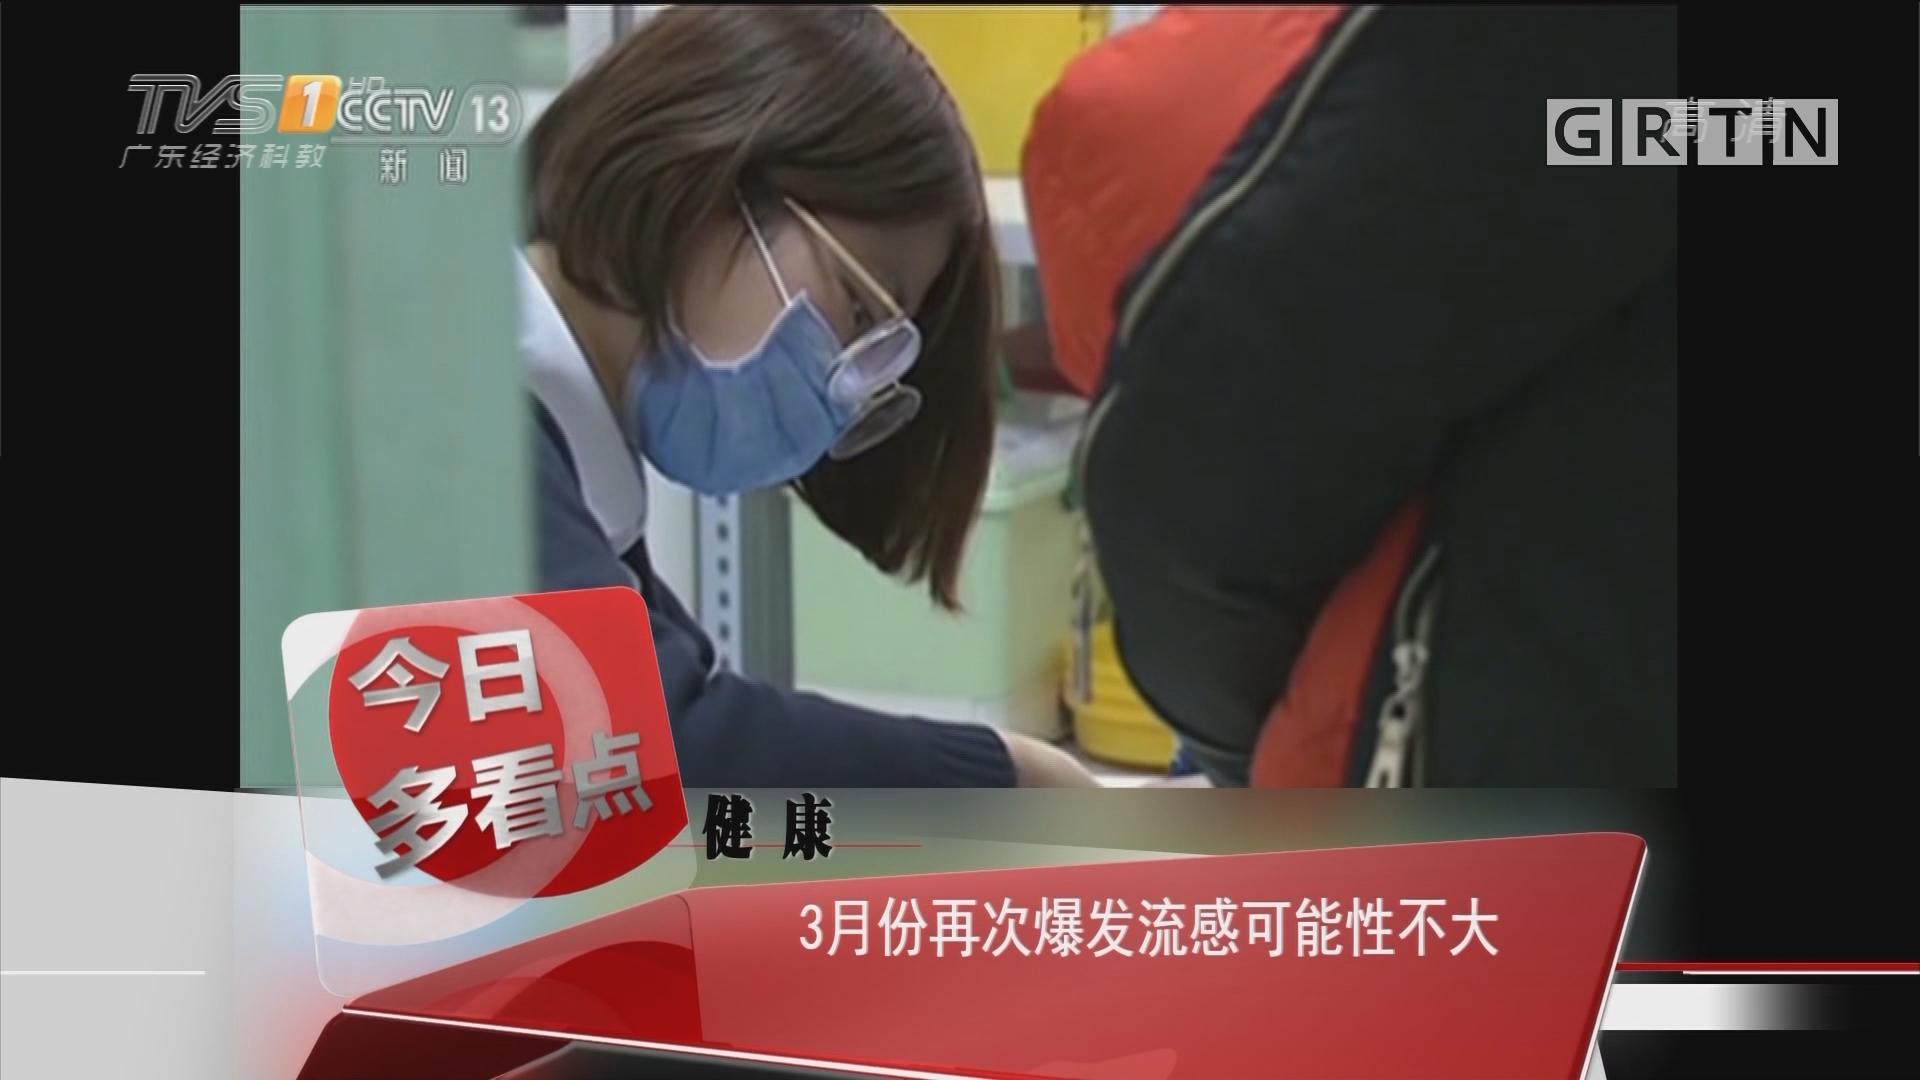 健康:3月份再次爆发流感可能性不大